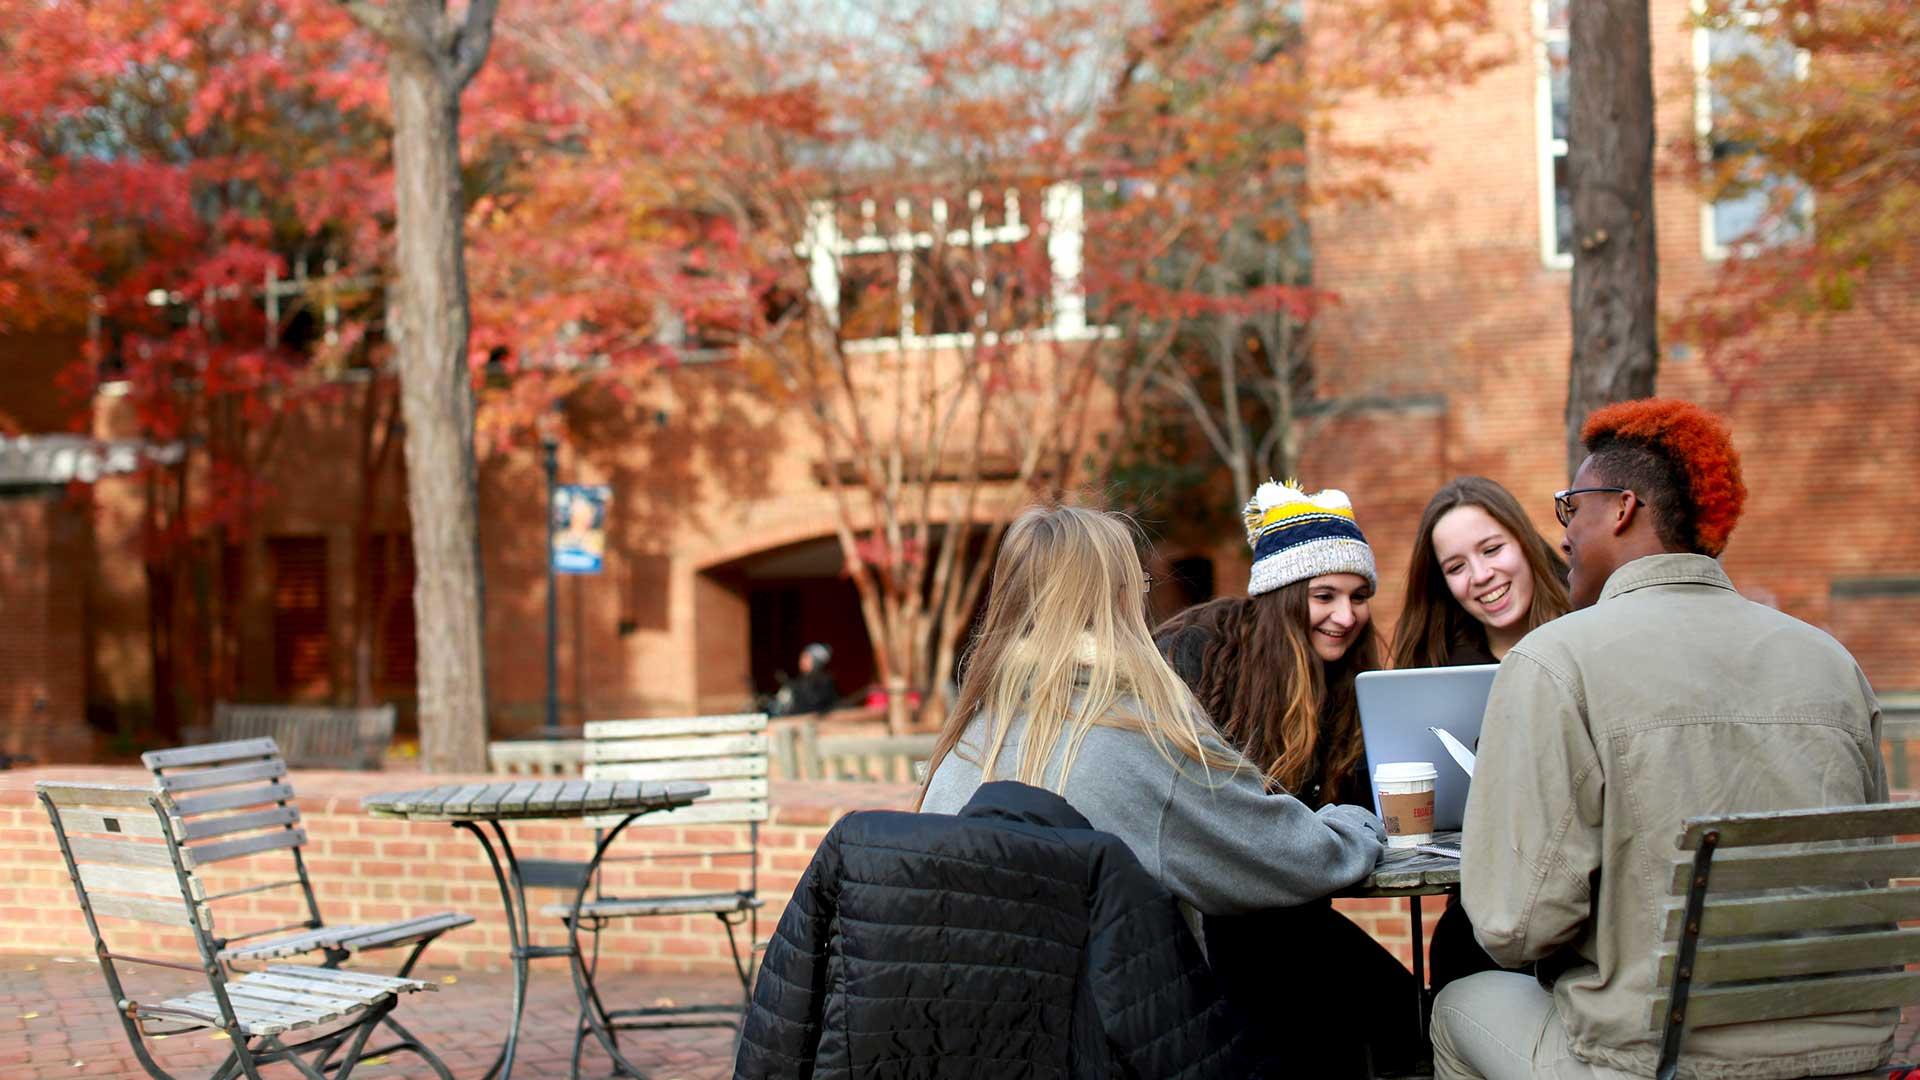 smcm-campus-center-courtyard-fall-autumn